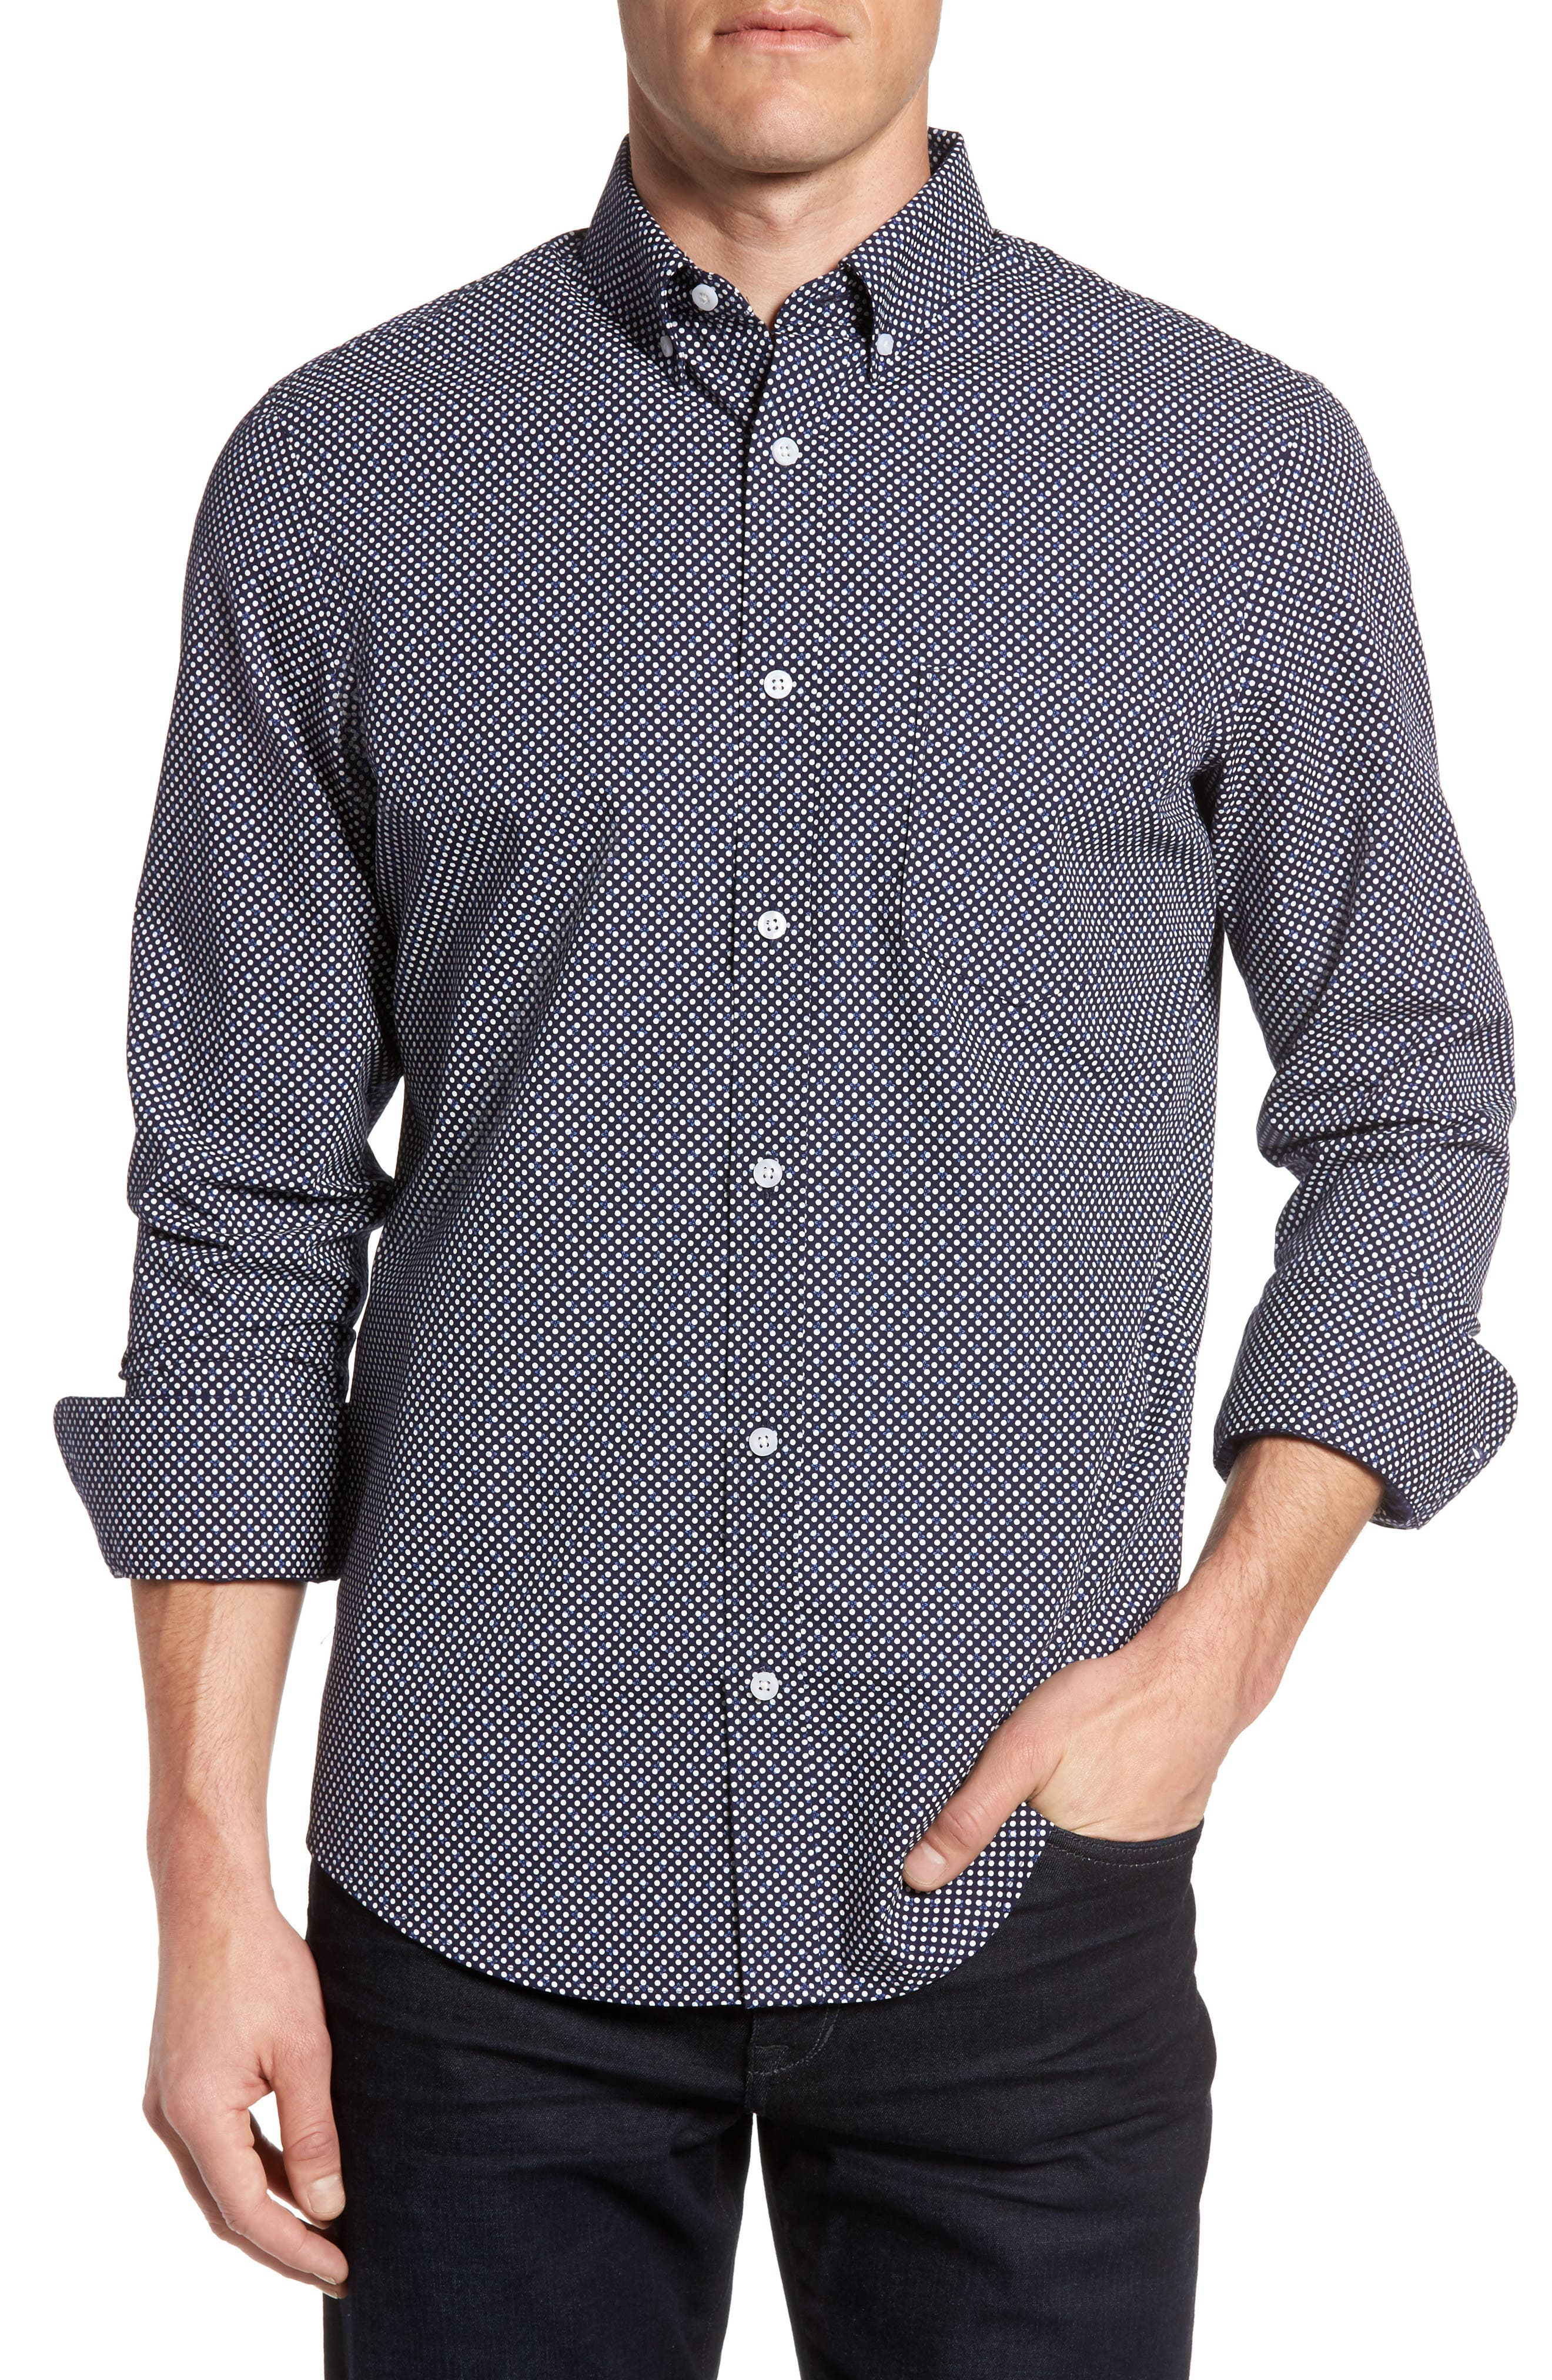 Nordstrom Men's Shop Regular Fit Non-Iron Dress Shirt (Regular & Tall)